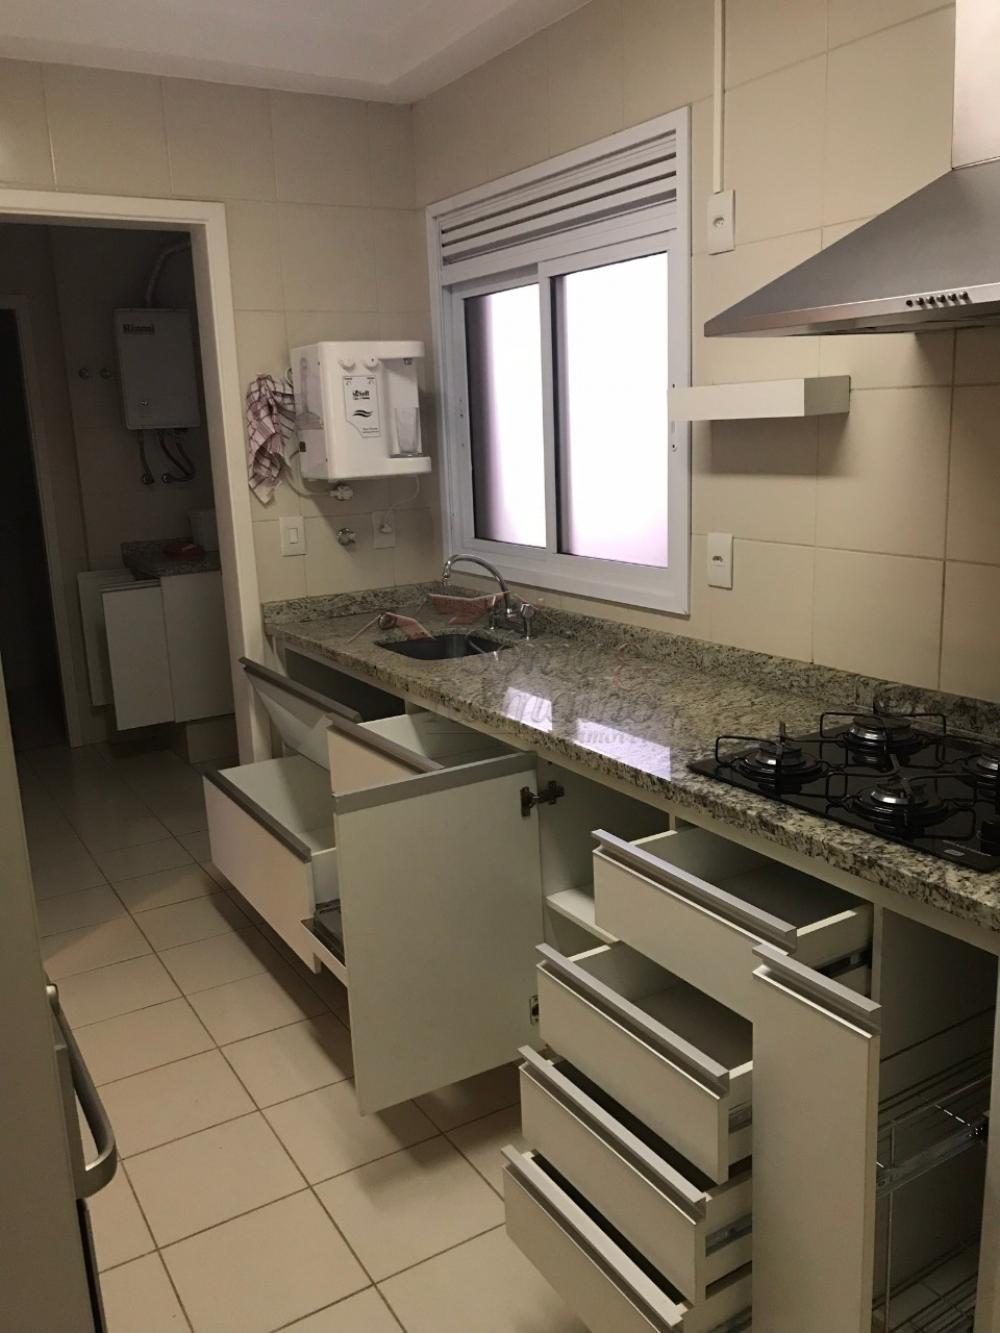 Comprar Apartamentos / Padrão em Ribeirão Preto apenas R$ 636.000,00 - Foto 6